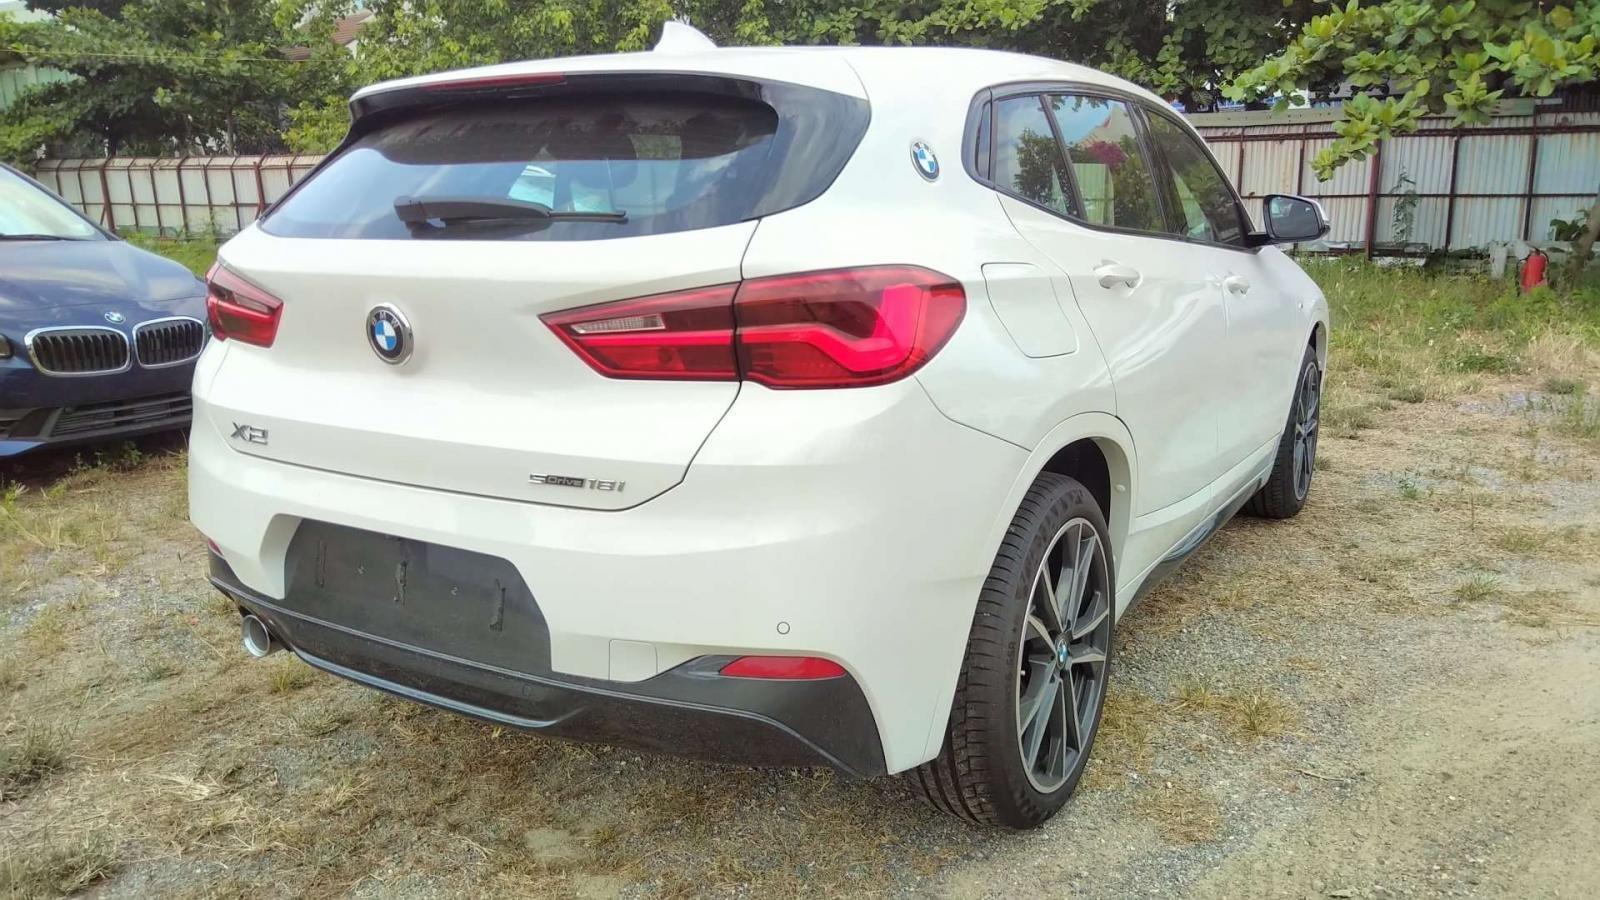 Đánh giá xe BMW X2 sDrive18i 2019 về mức tiêu hao nhiên liệu.